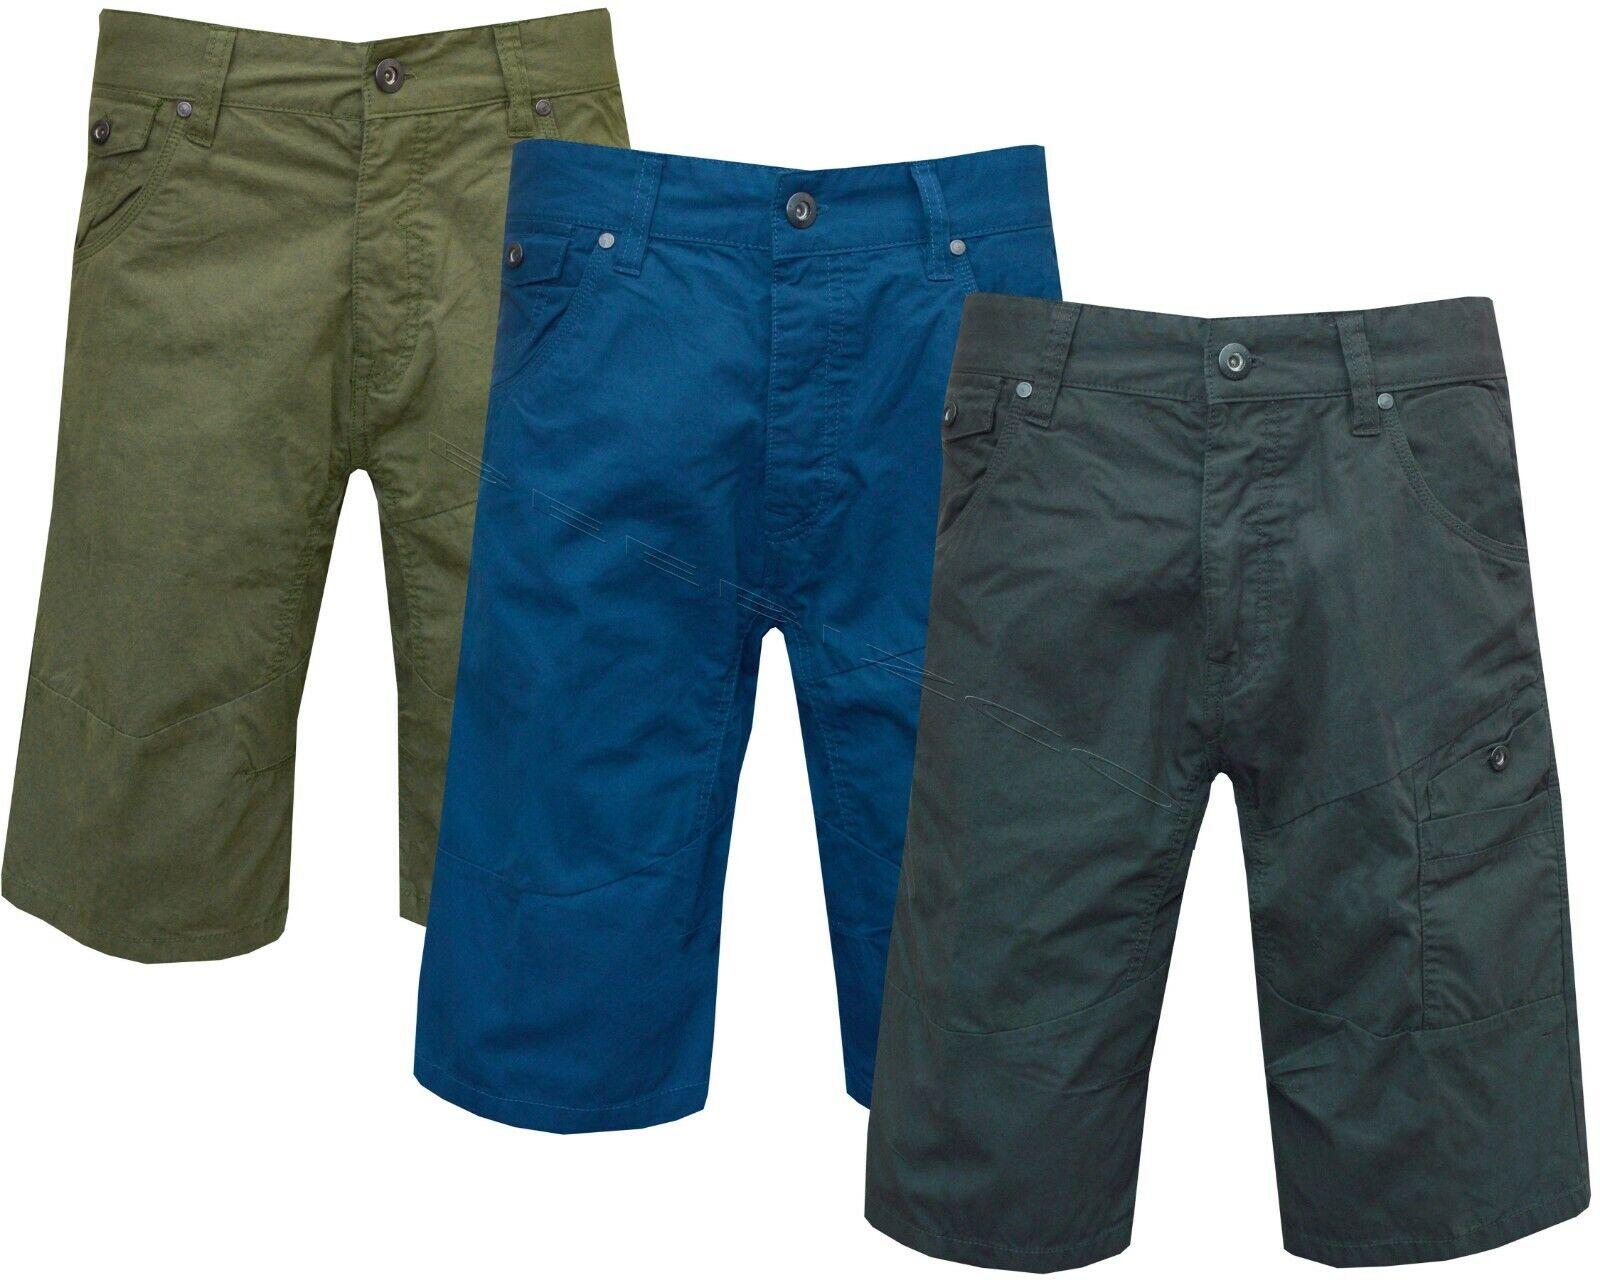 Nuevo Para Hombre 100% Algodón Pantalones Cortos De Diseñador Casual Chinos Verano S-XL